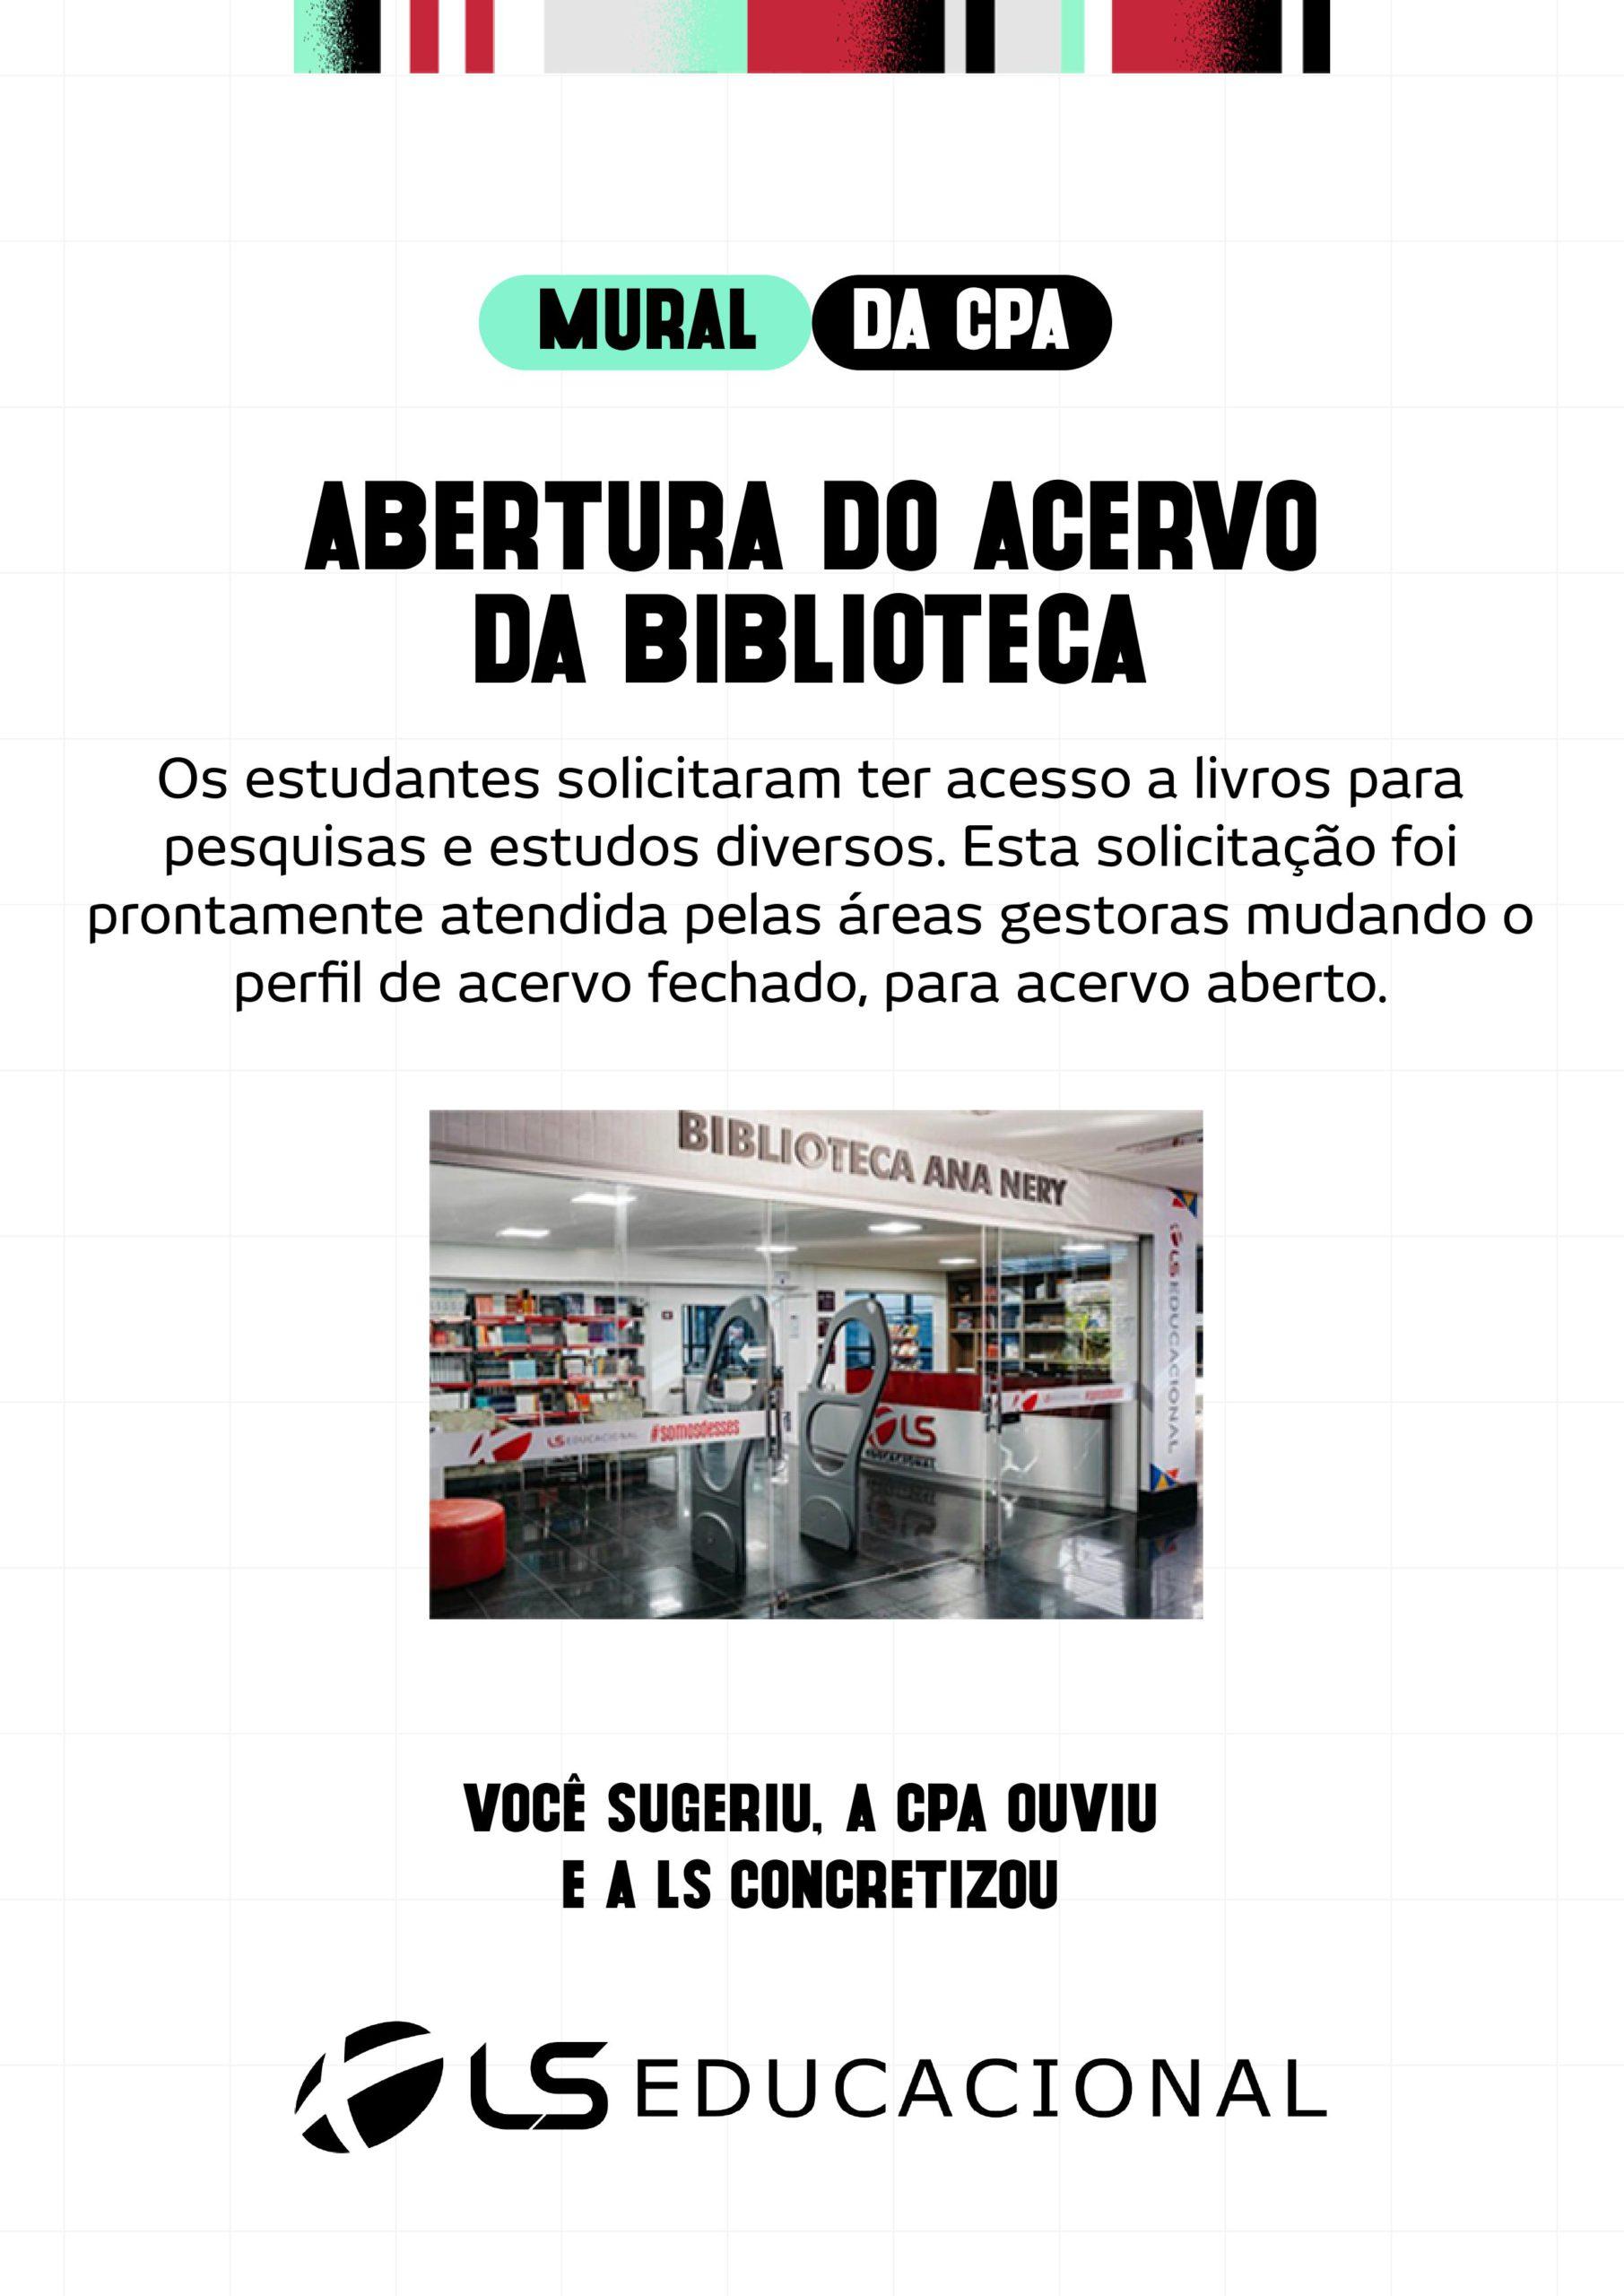 ACERVO ABERTO BIBLIOTECA